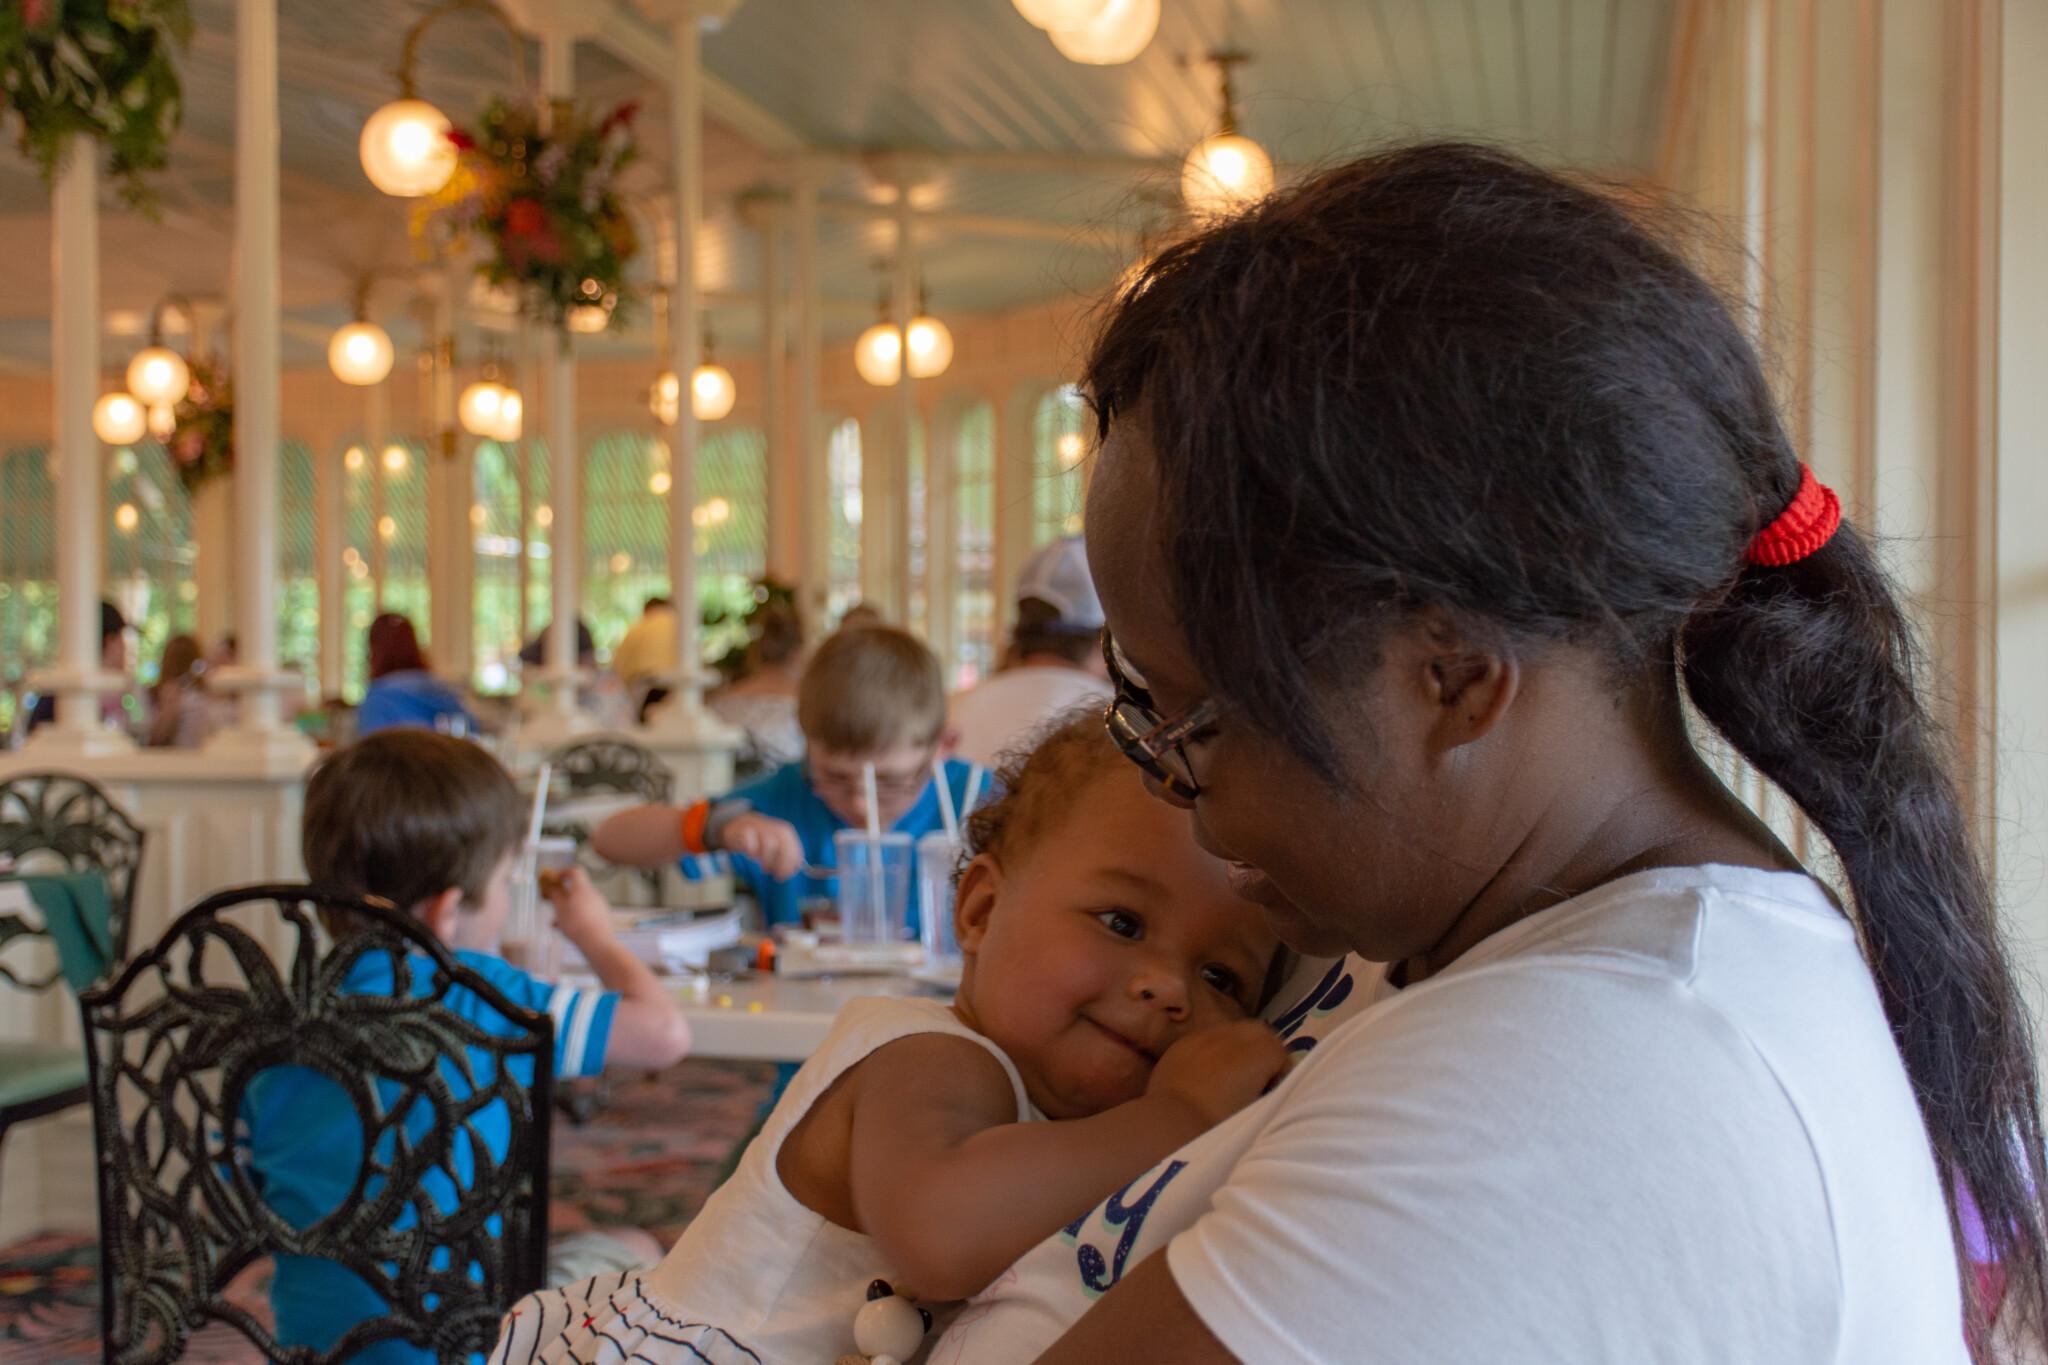 2 semaines en Floride avec un bébé de 1 an - Séjour du 2 au 16 mai 2019 DCL + WDW - Page 15 DSC_7961-1-2048x1365